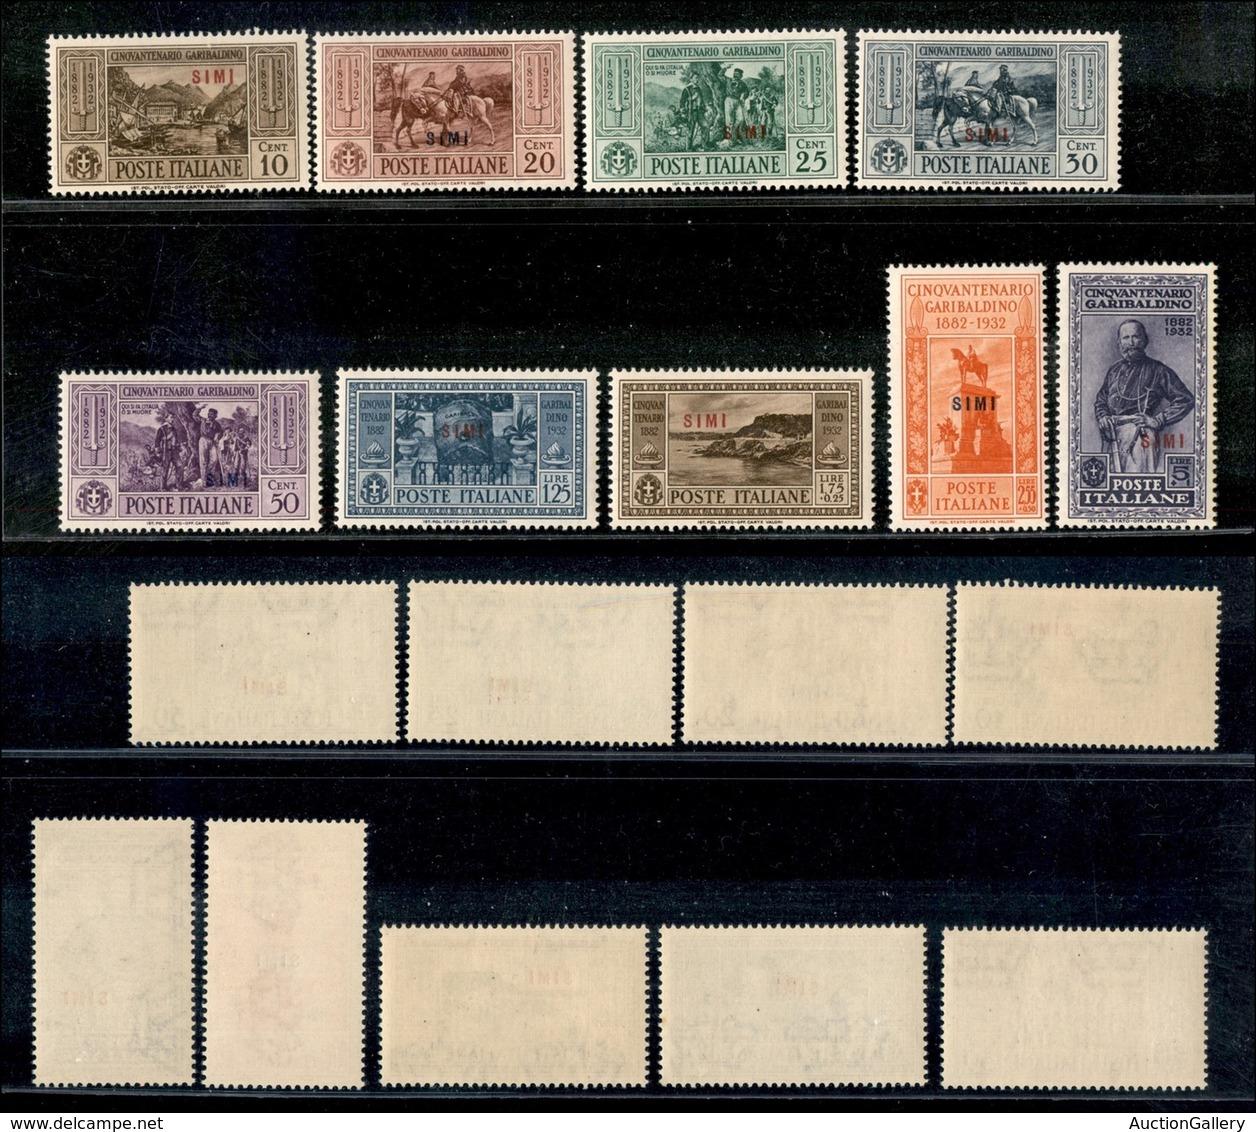 COLONIE - Egeo - Simi - 1932 - Garibaldi (17/21 + 23/26) - 9 Valori - Gomma Integra - Timbres